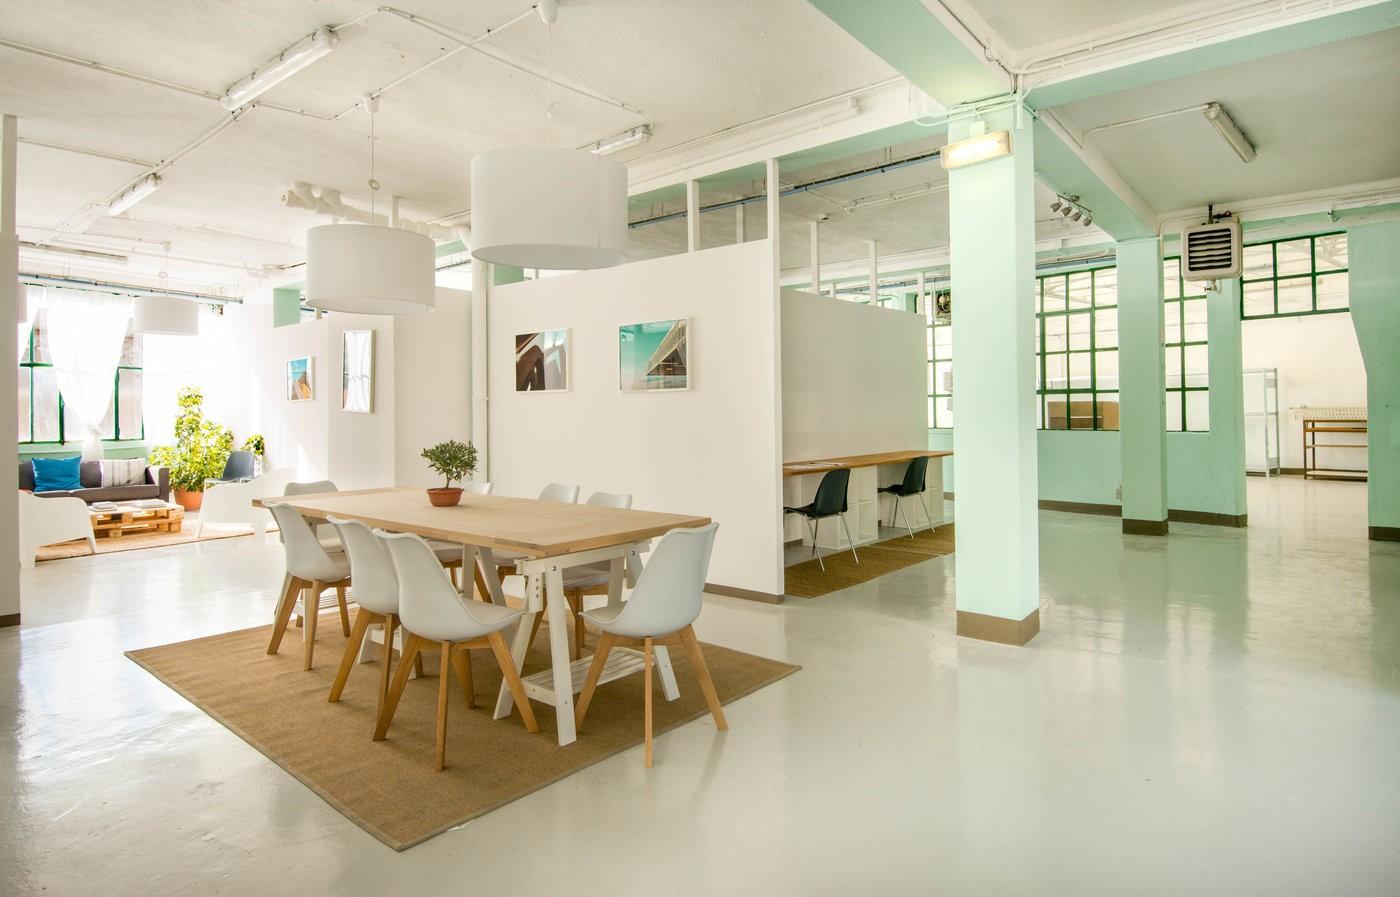 Ancienne imprimerie réaménagée en loft dans le 5ème arrondissement de Marseille pour vos séminaires, formations, conférences, réunions, cocktails pouvant accueil 80 personnes.